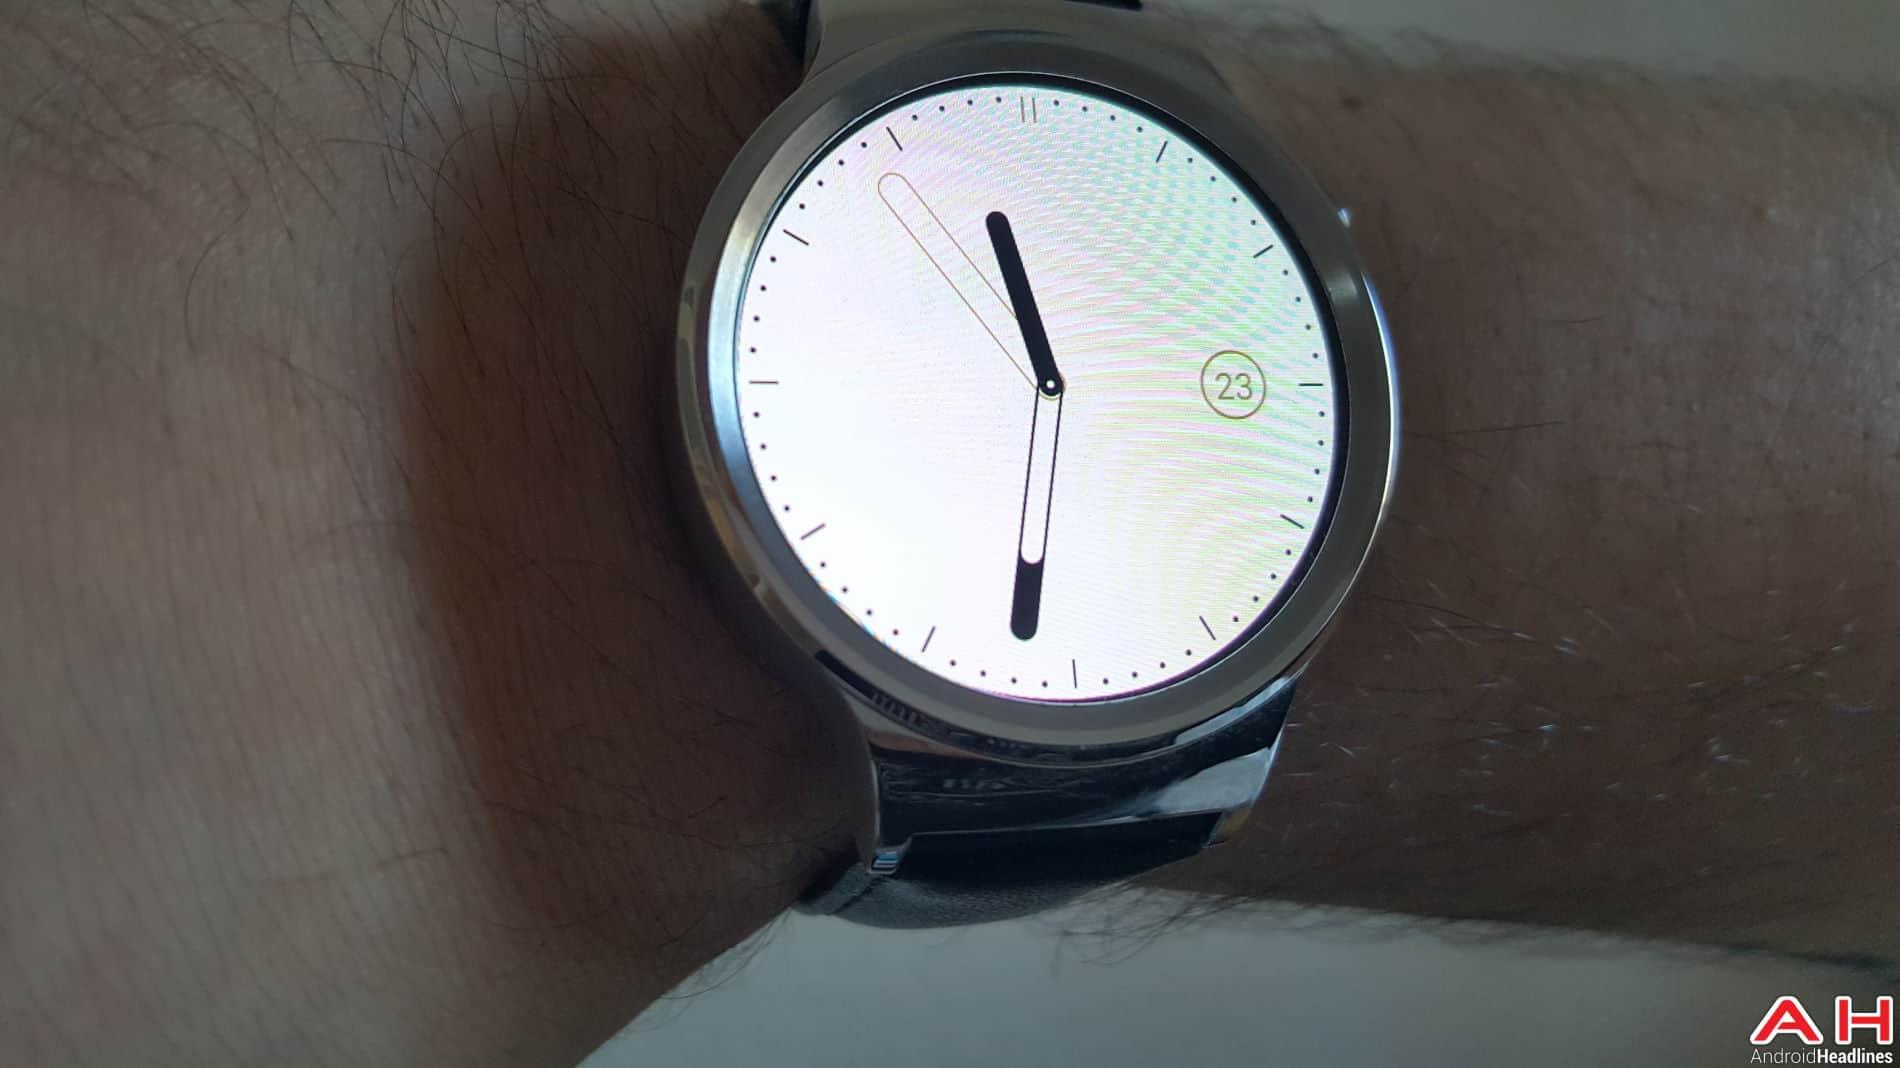 Huawei Watch AH 151